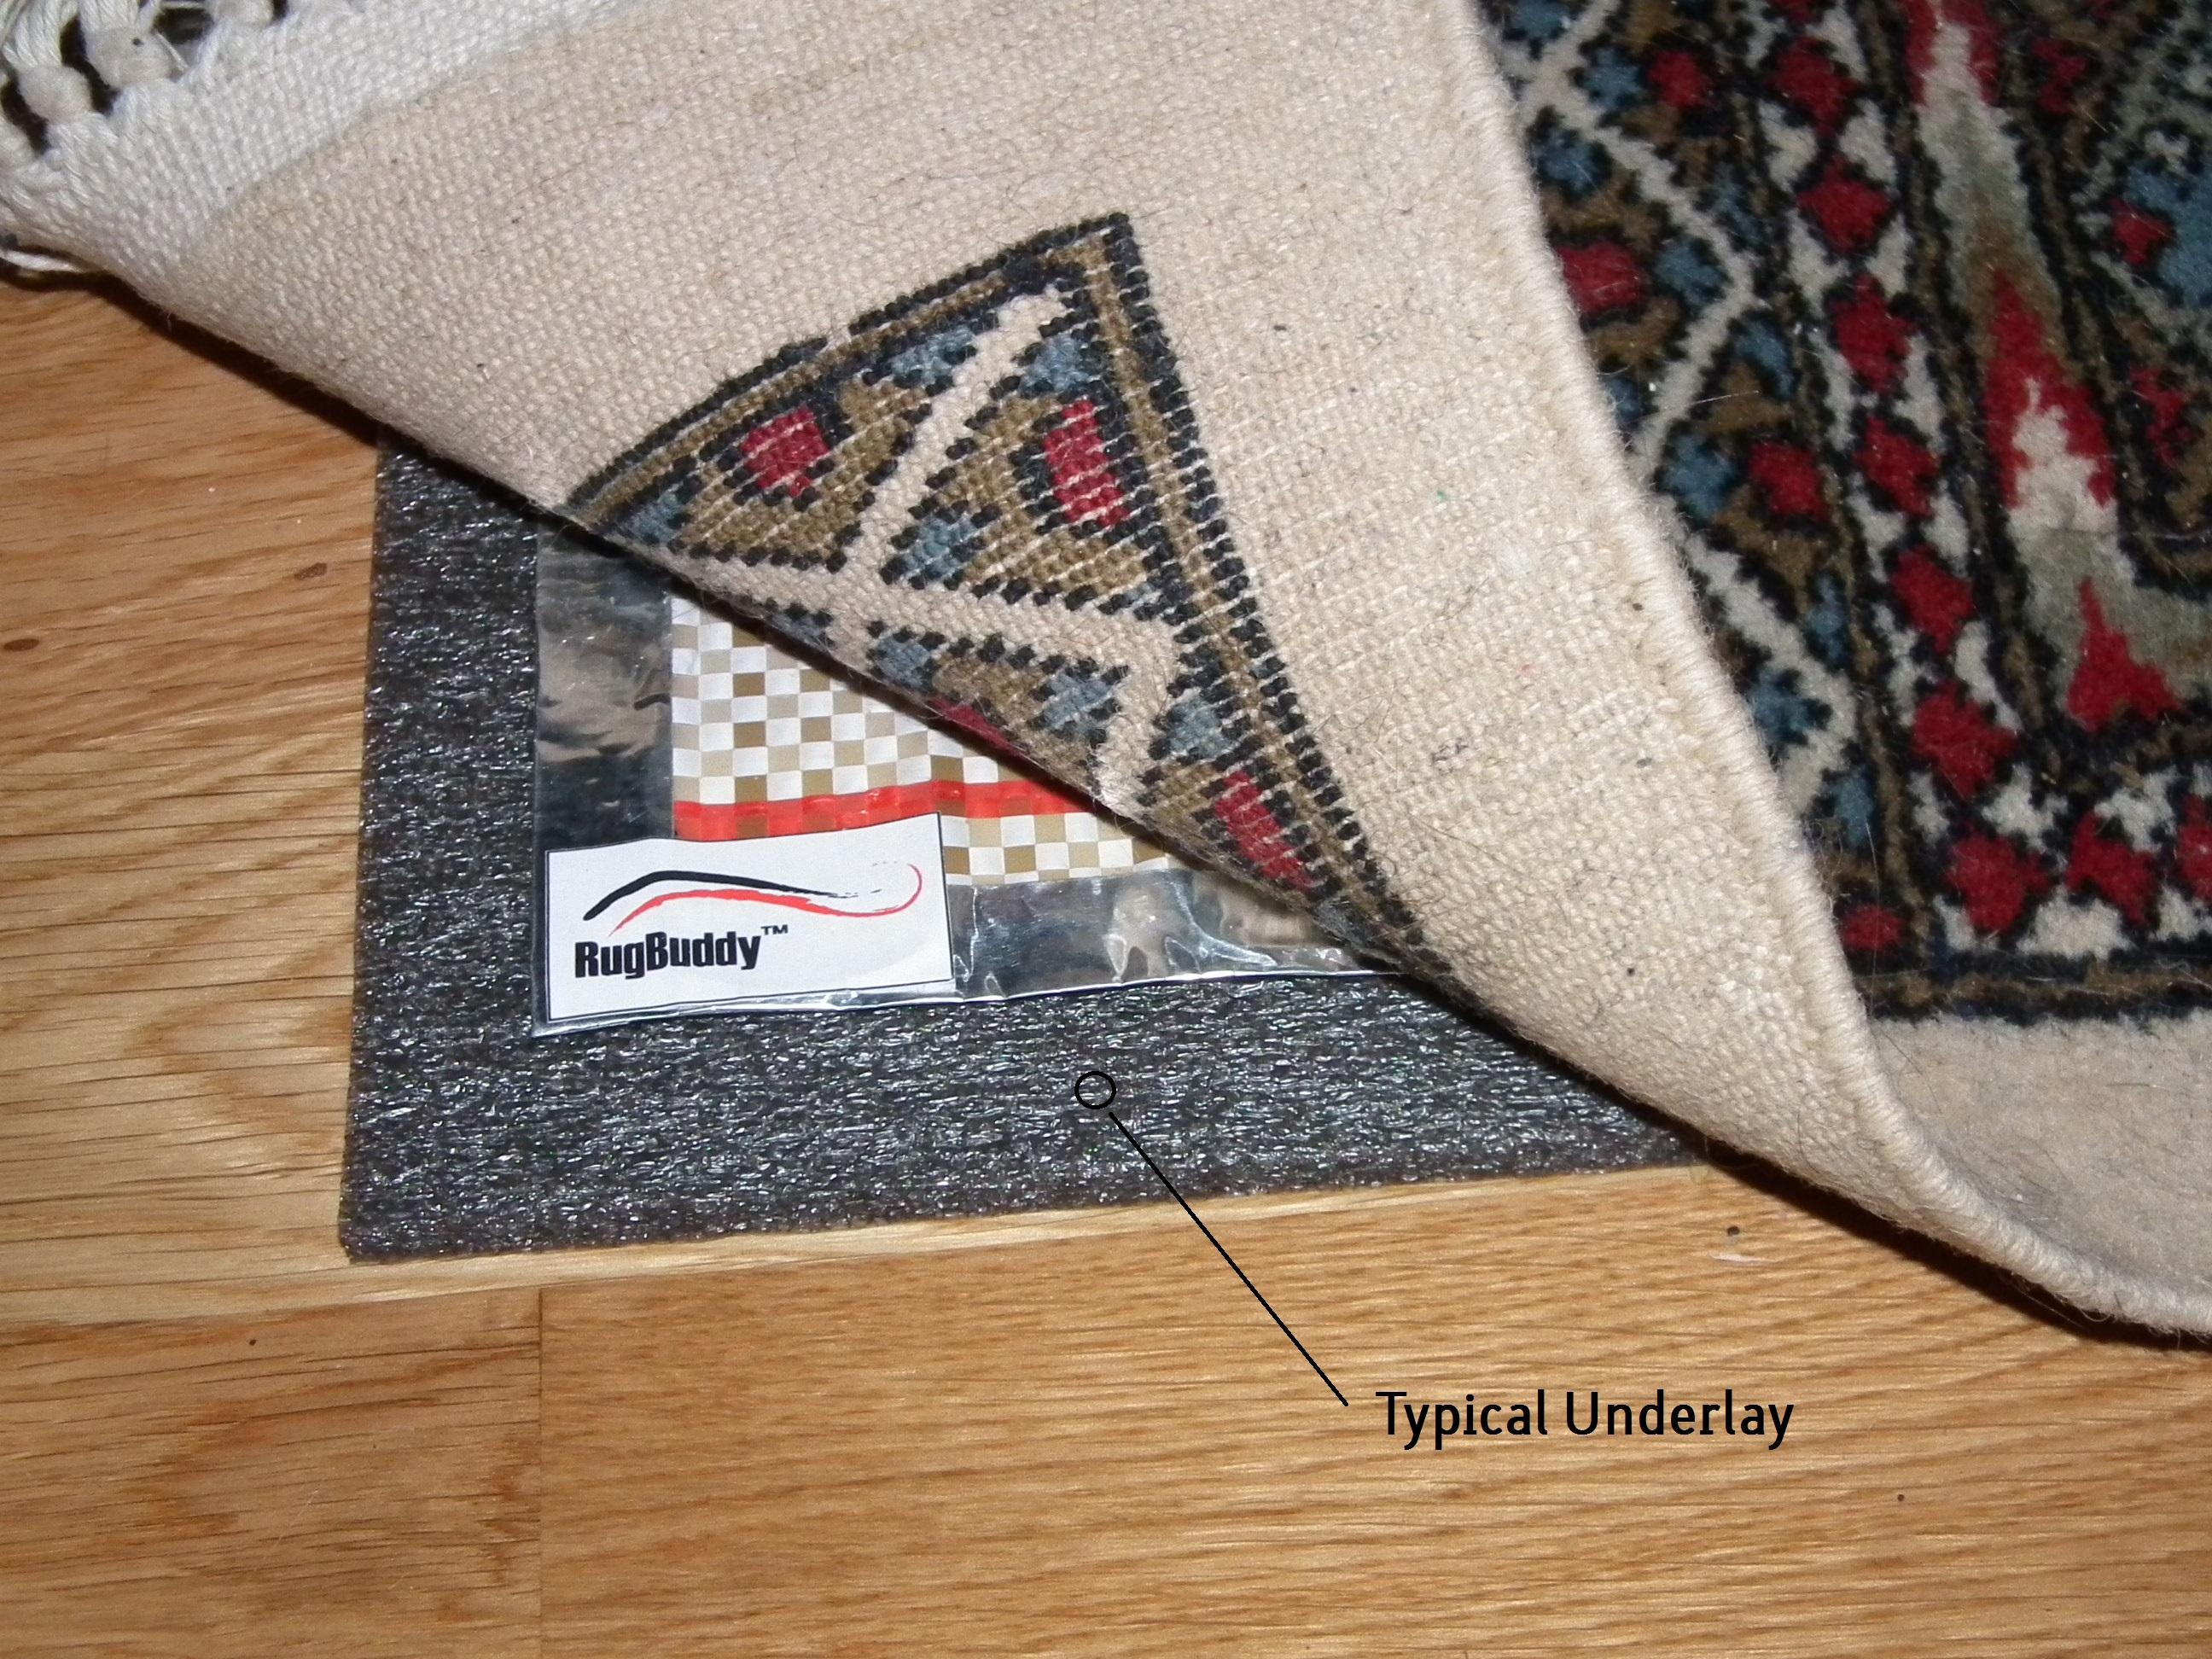 Rugbuddy Under Rug Heating Bewarmer Ltd